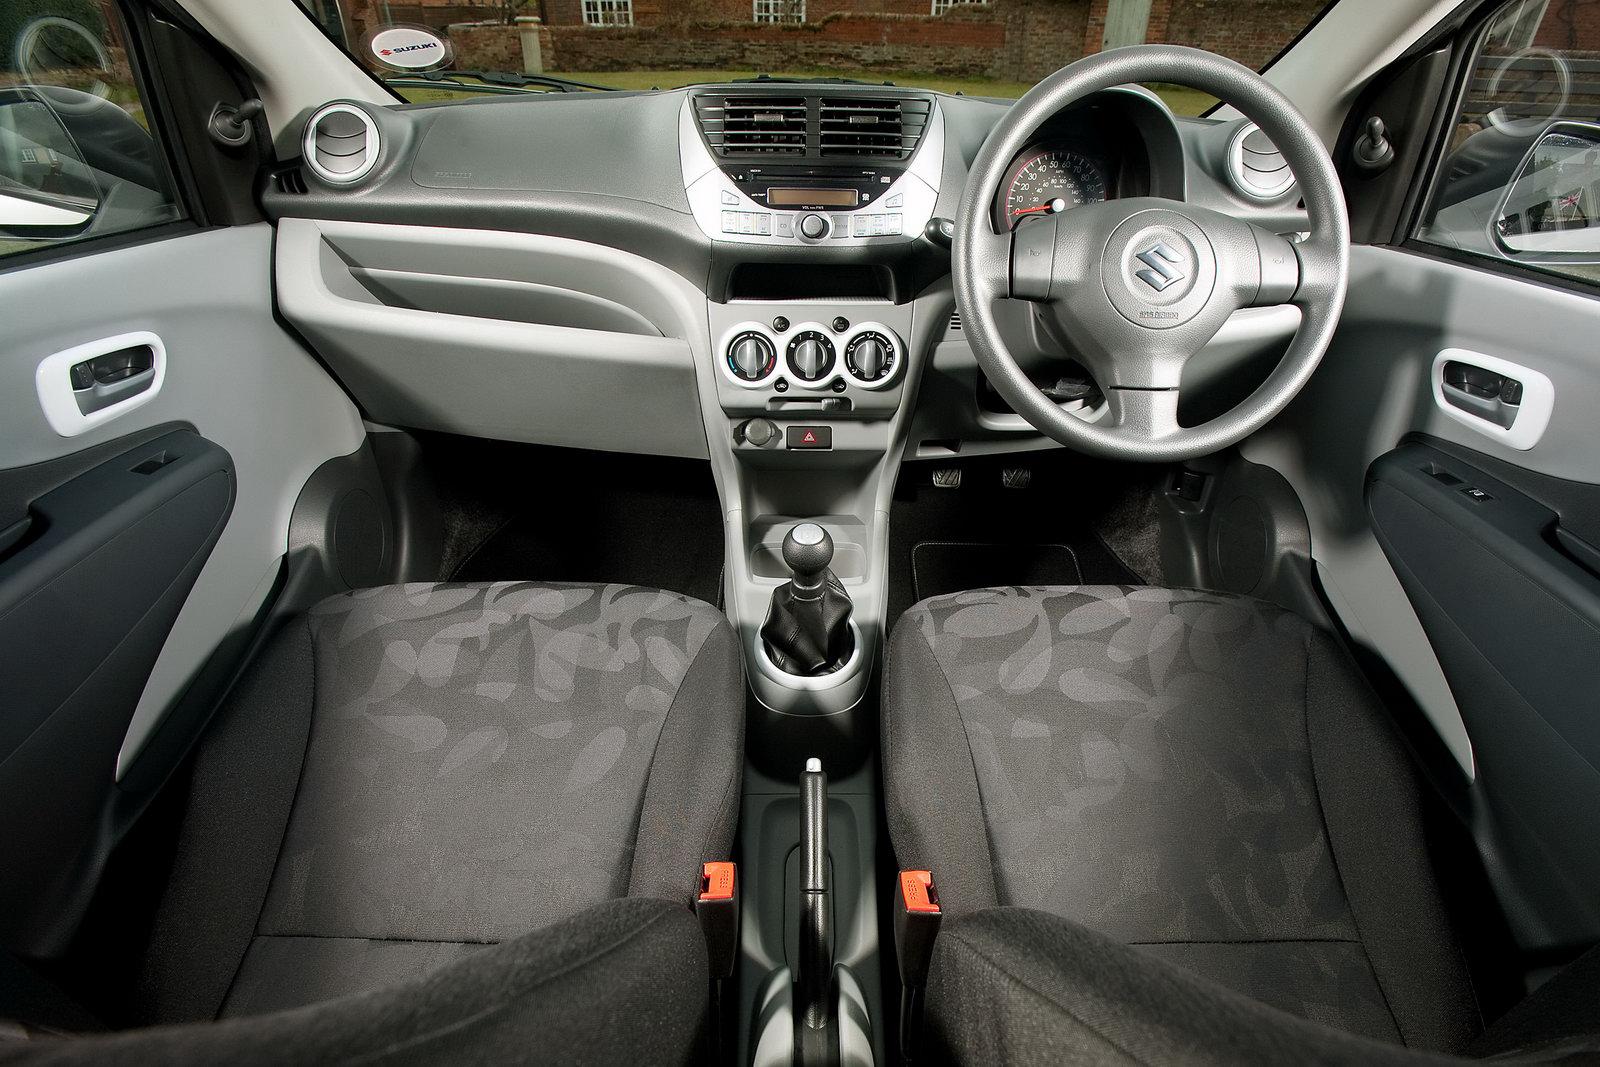 http://4.bp.blogspot.com/_7LQxj656qB0/TEMNFfVxbuI/AAAAAAAAH50/hPAKEsz8Vqg/s1600/2011+Suzuki+Alto+SZ-L+interior.jpg